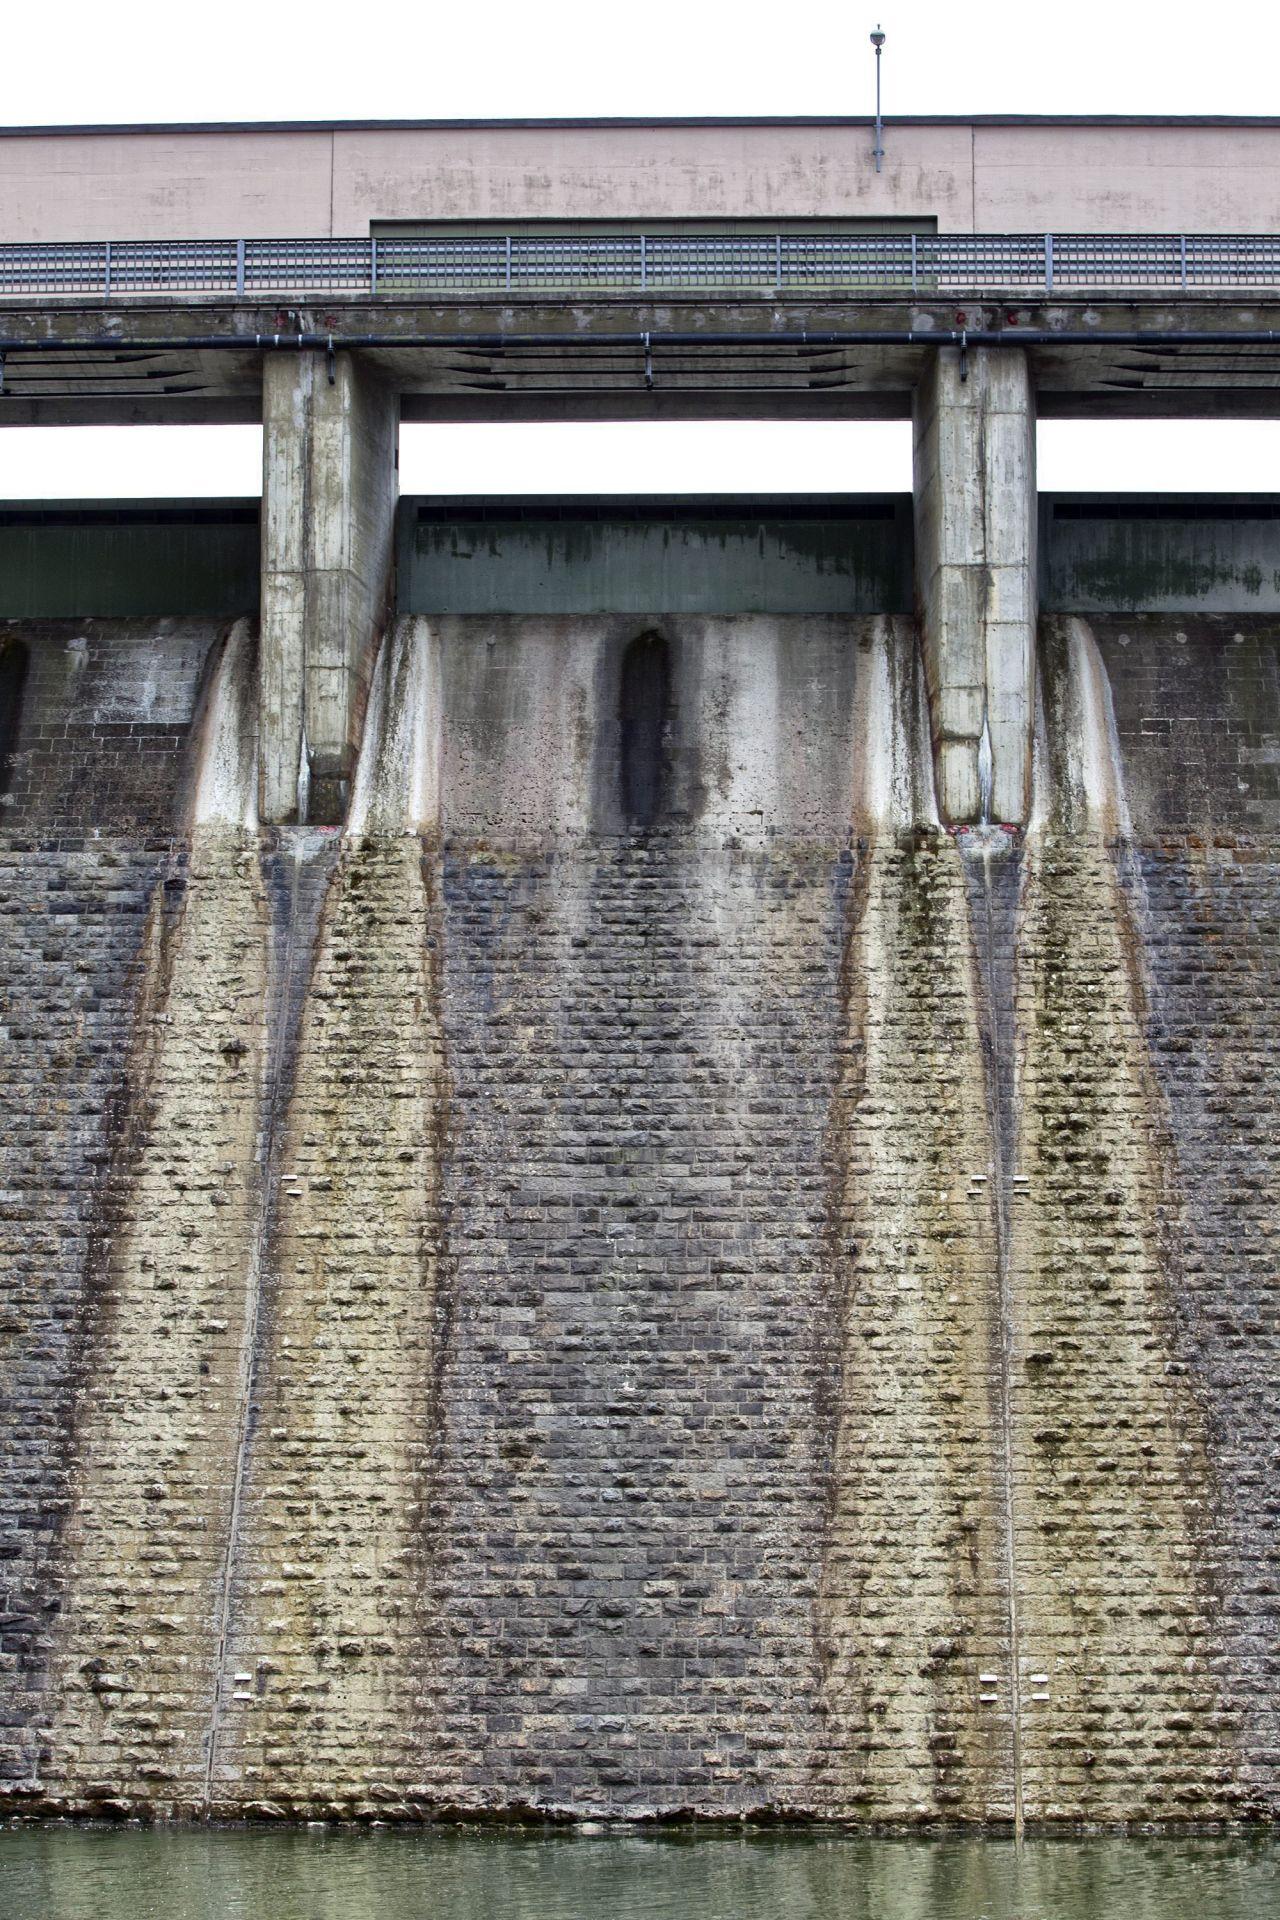 Die Staumauer am Sihlsee dient als wichtiger Puffer im Hochwasserschutz von Zürich. 2005 entging die größte Stadt der Schweiz nur knapp einer Flutkatastrophe.